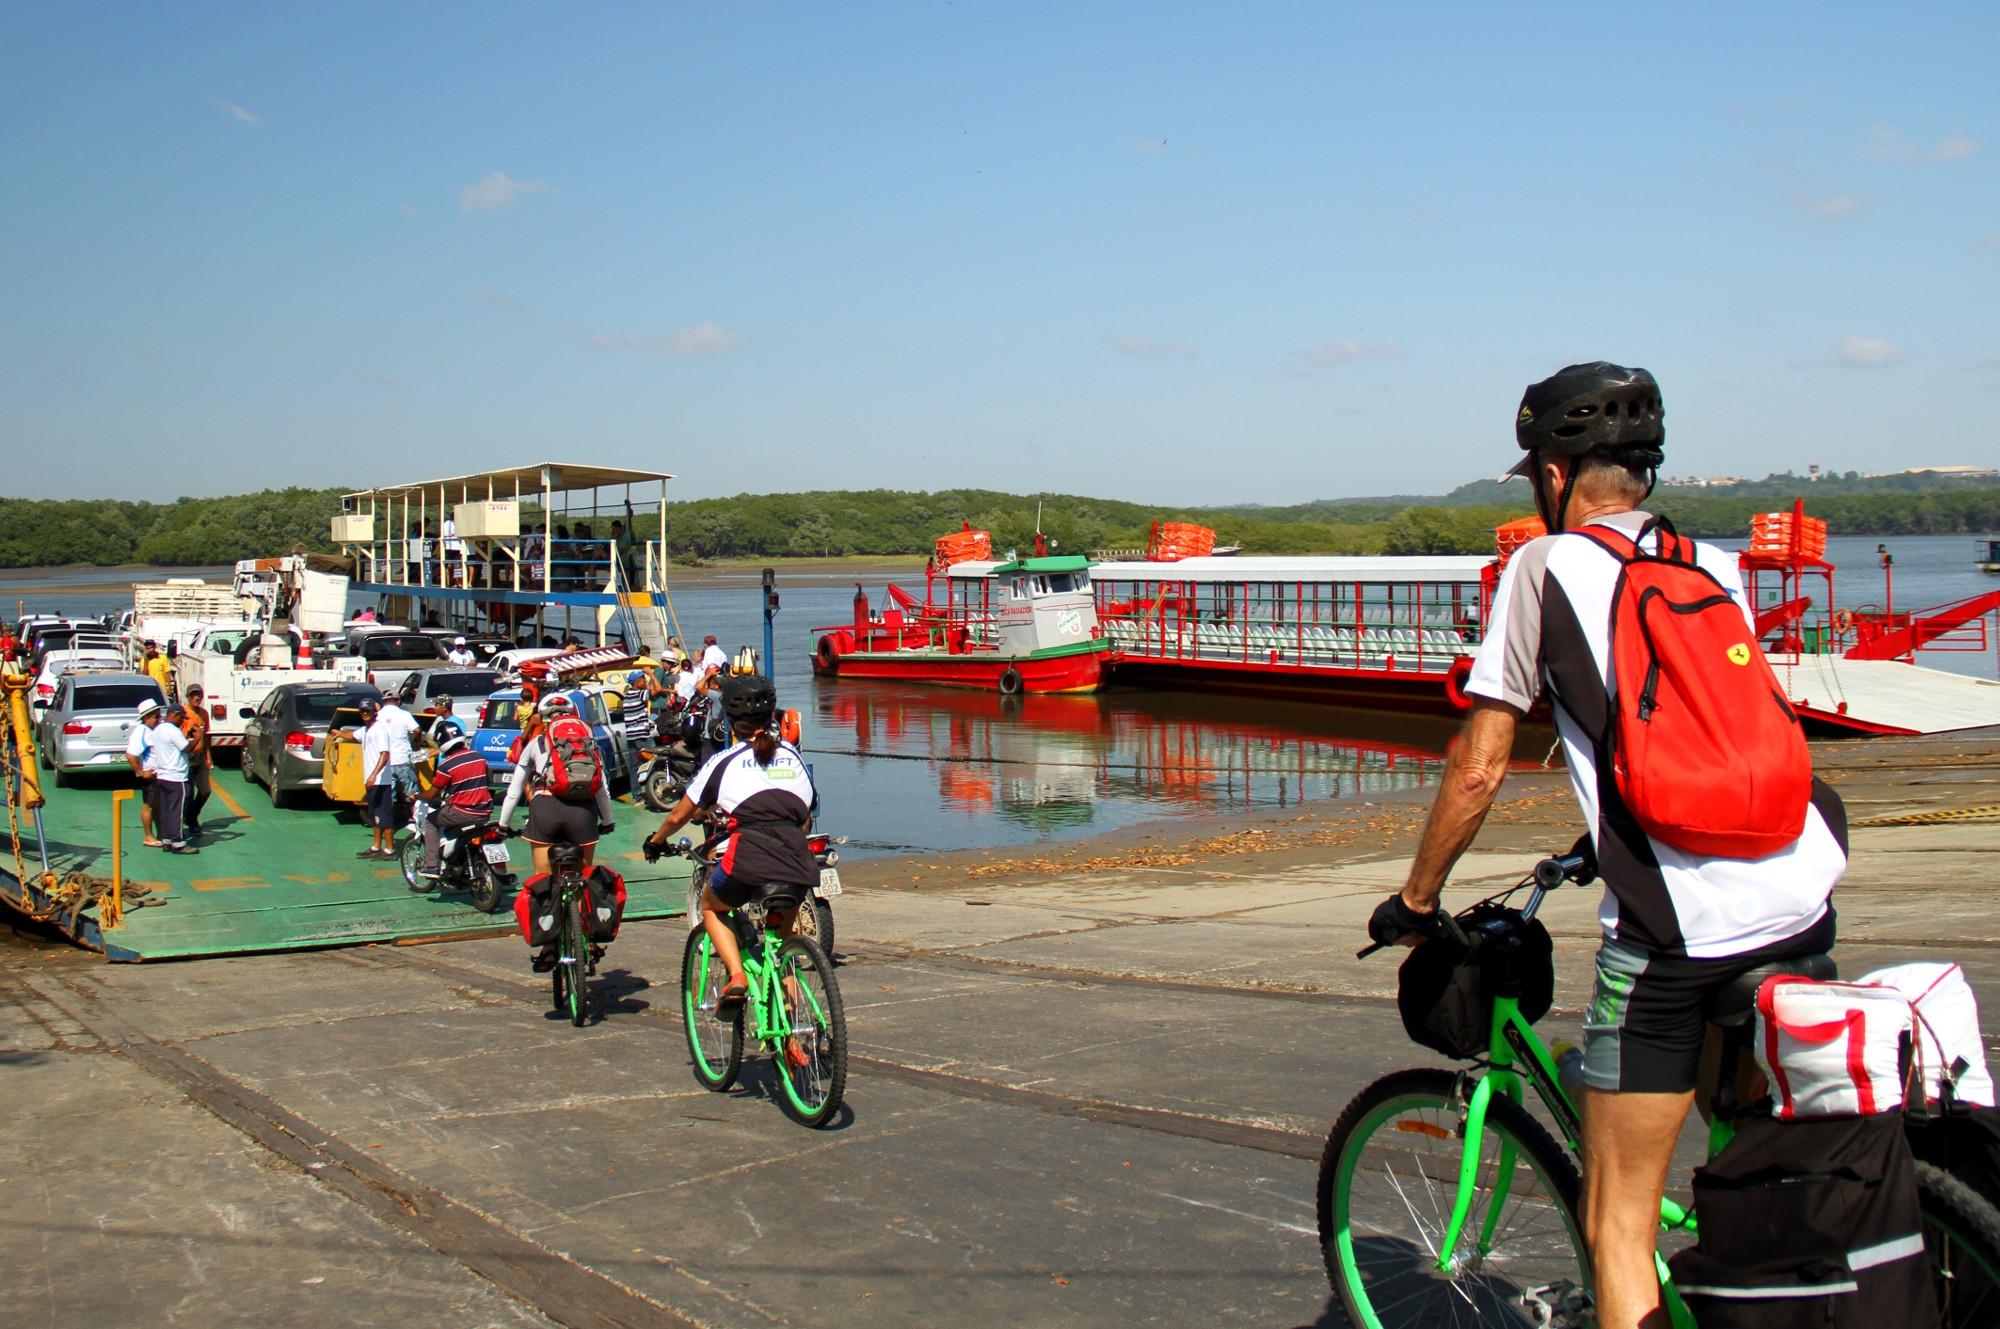 Travessia na balsa, no rio Buranhém, entre Porto Seguro e Arraial d'Ajuda (foto: Eduardo Vessoni)